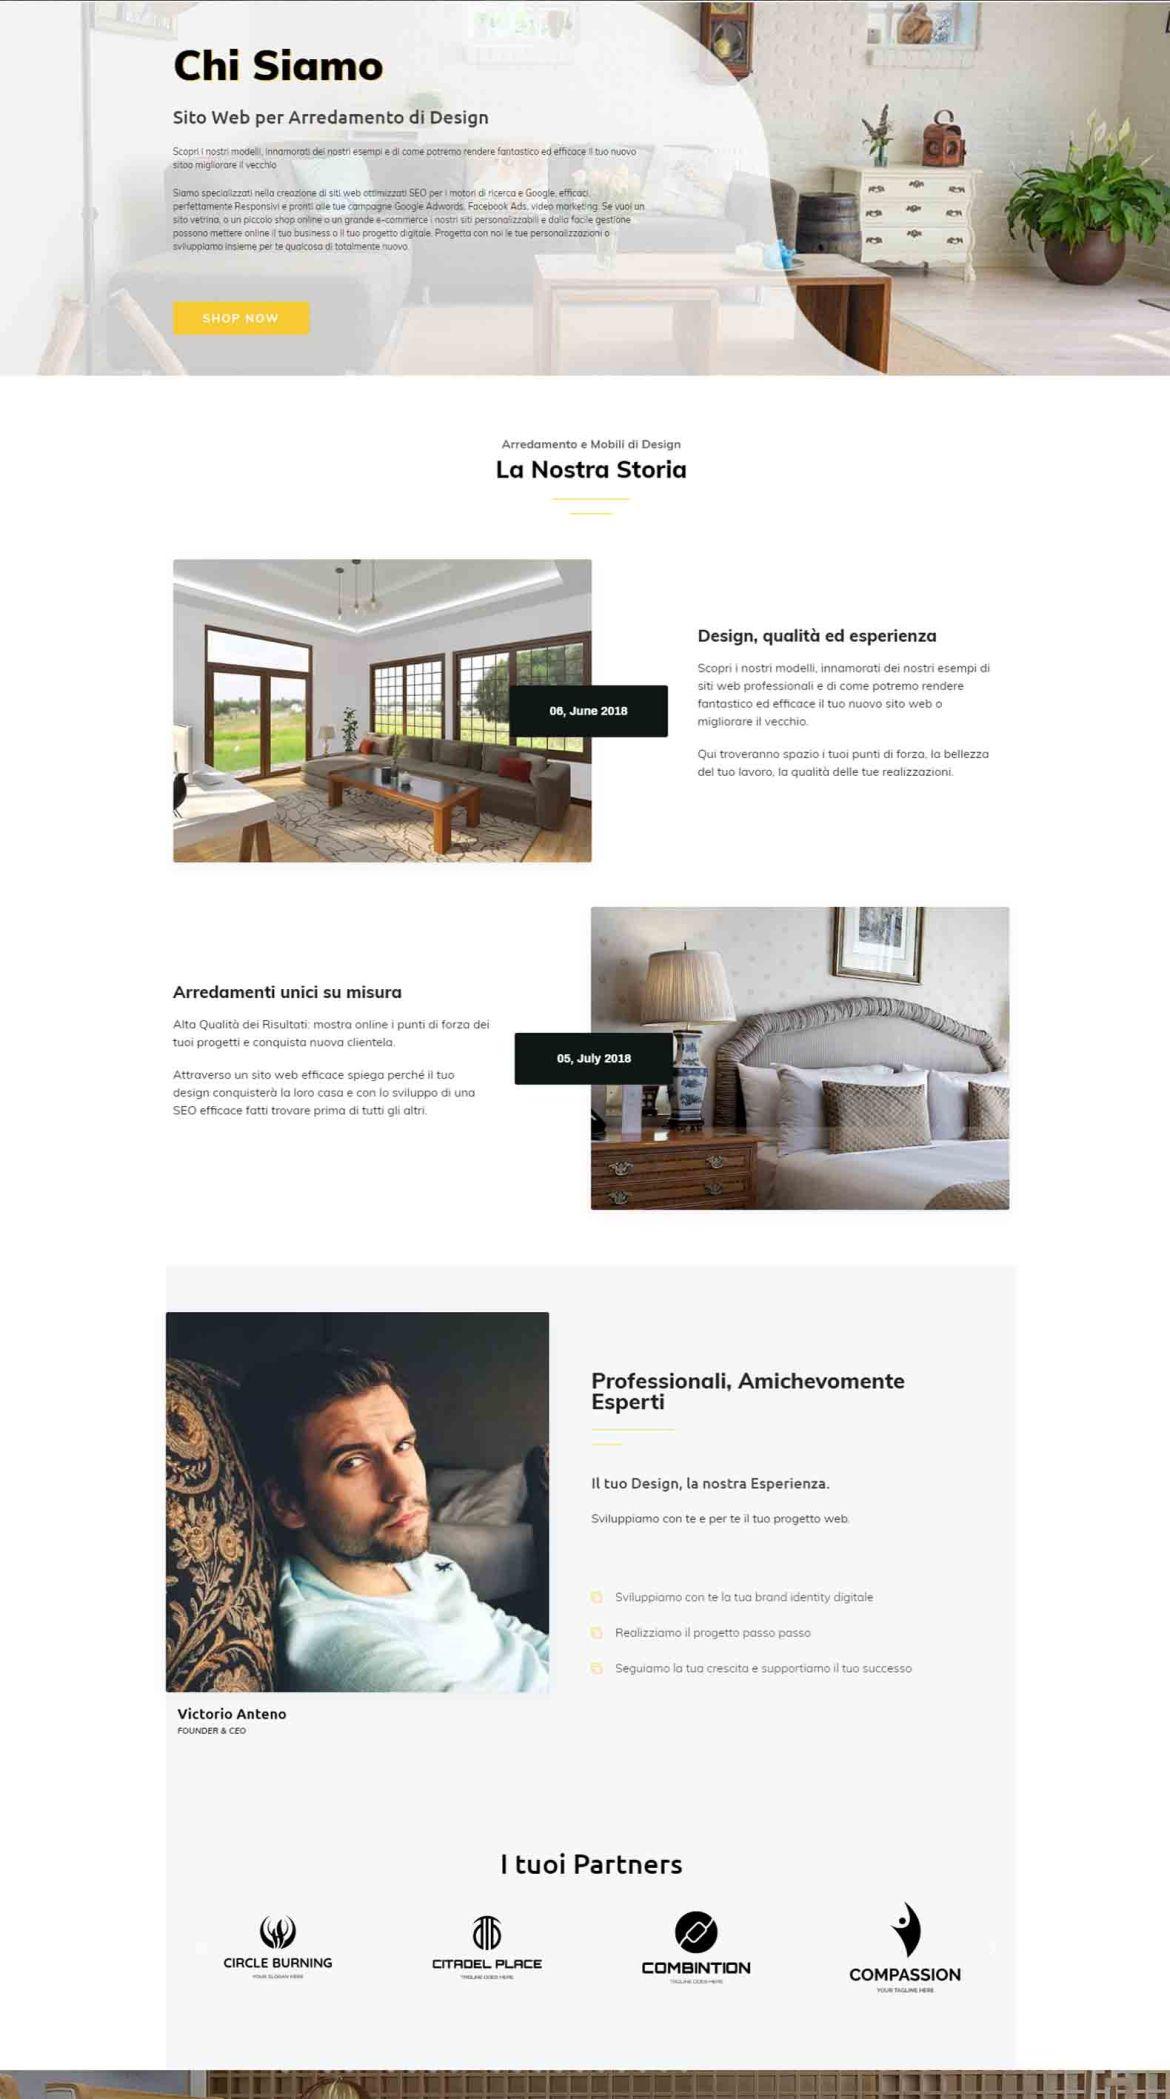 Arredamento di Design Soluzioni Digitali Online Sito Web Creare Realizzare siti Web SEO efficace ecommerce Marketing ChS01